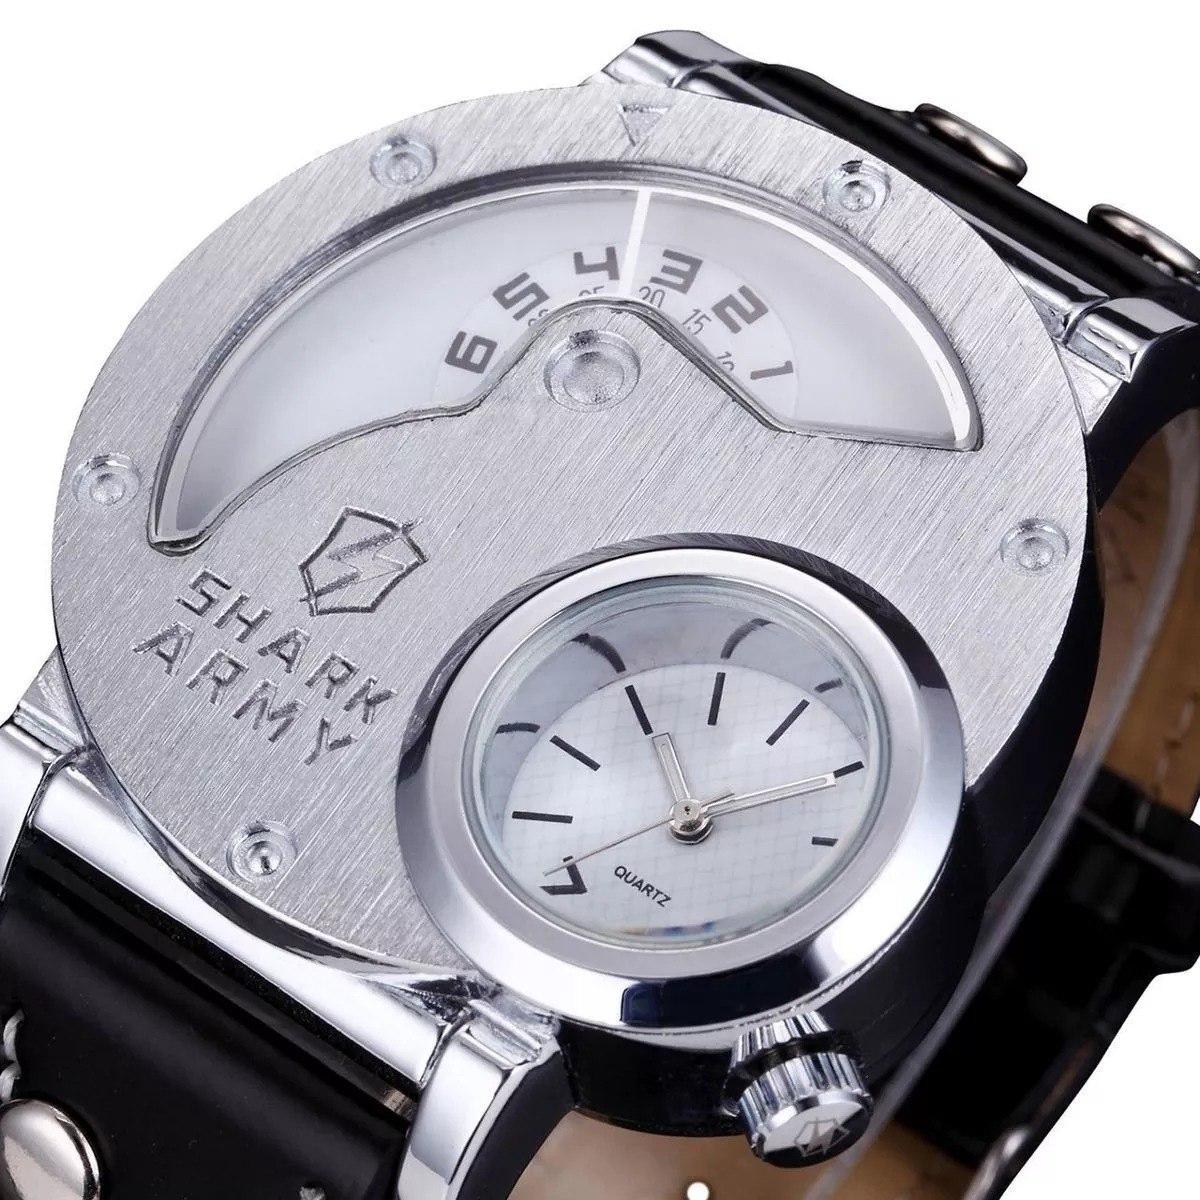 85ccfcd81b1 relógio shark army original - saw054 aço inoxidável preto. Carregando zoom.